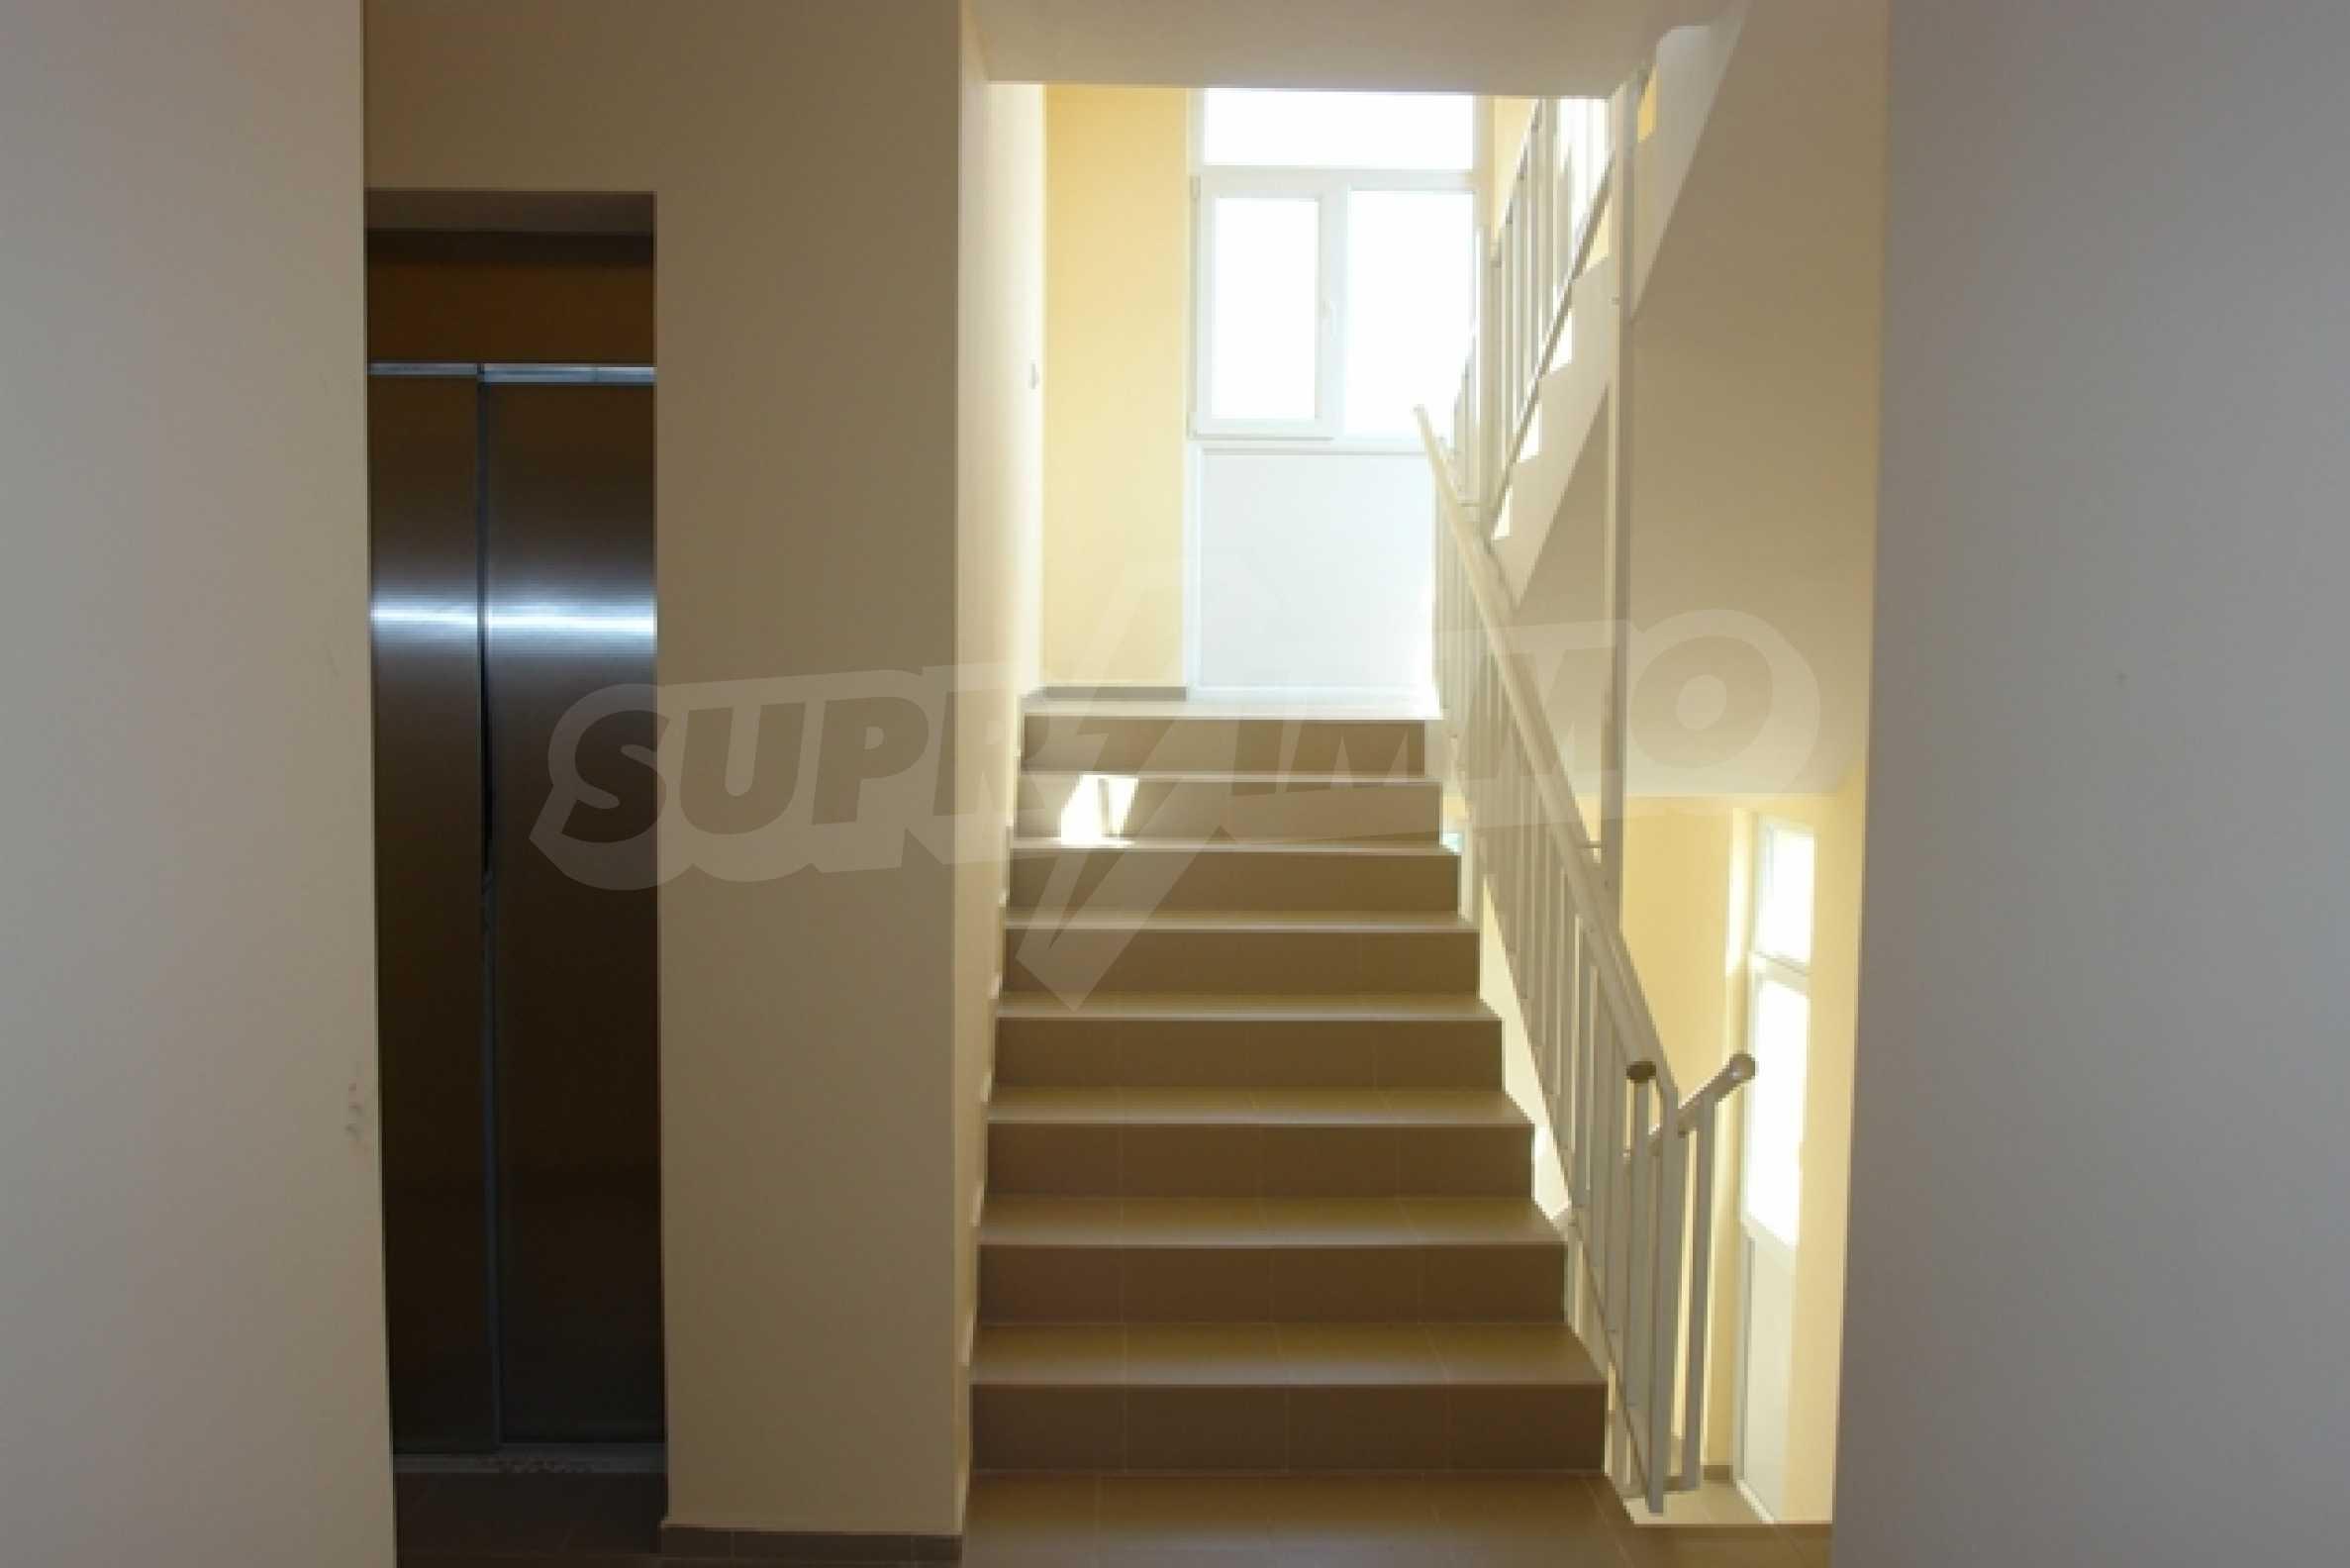 Тристаен апартамент в Русе с невероятна панорама към града 3